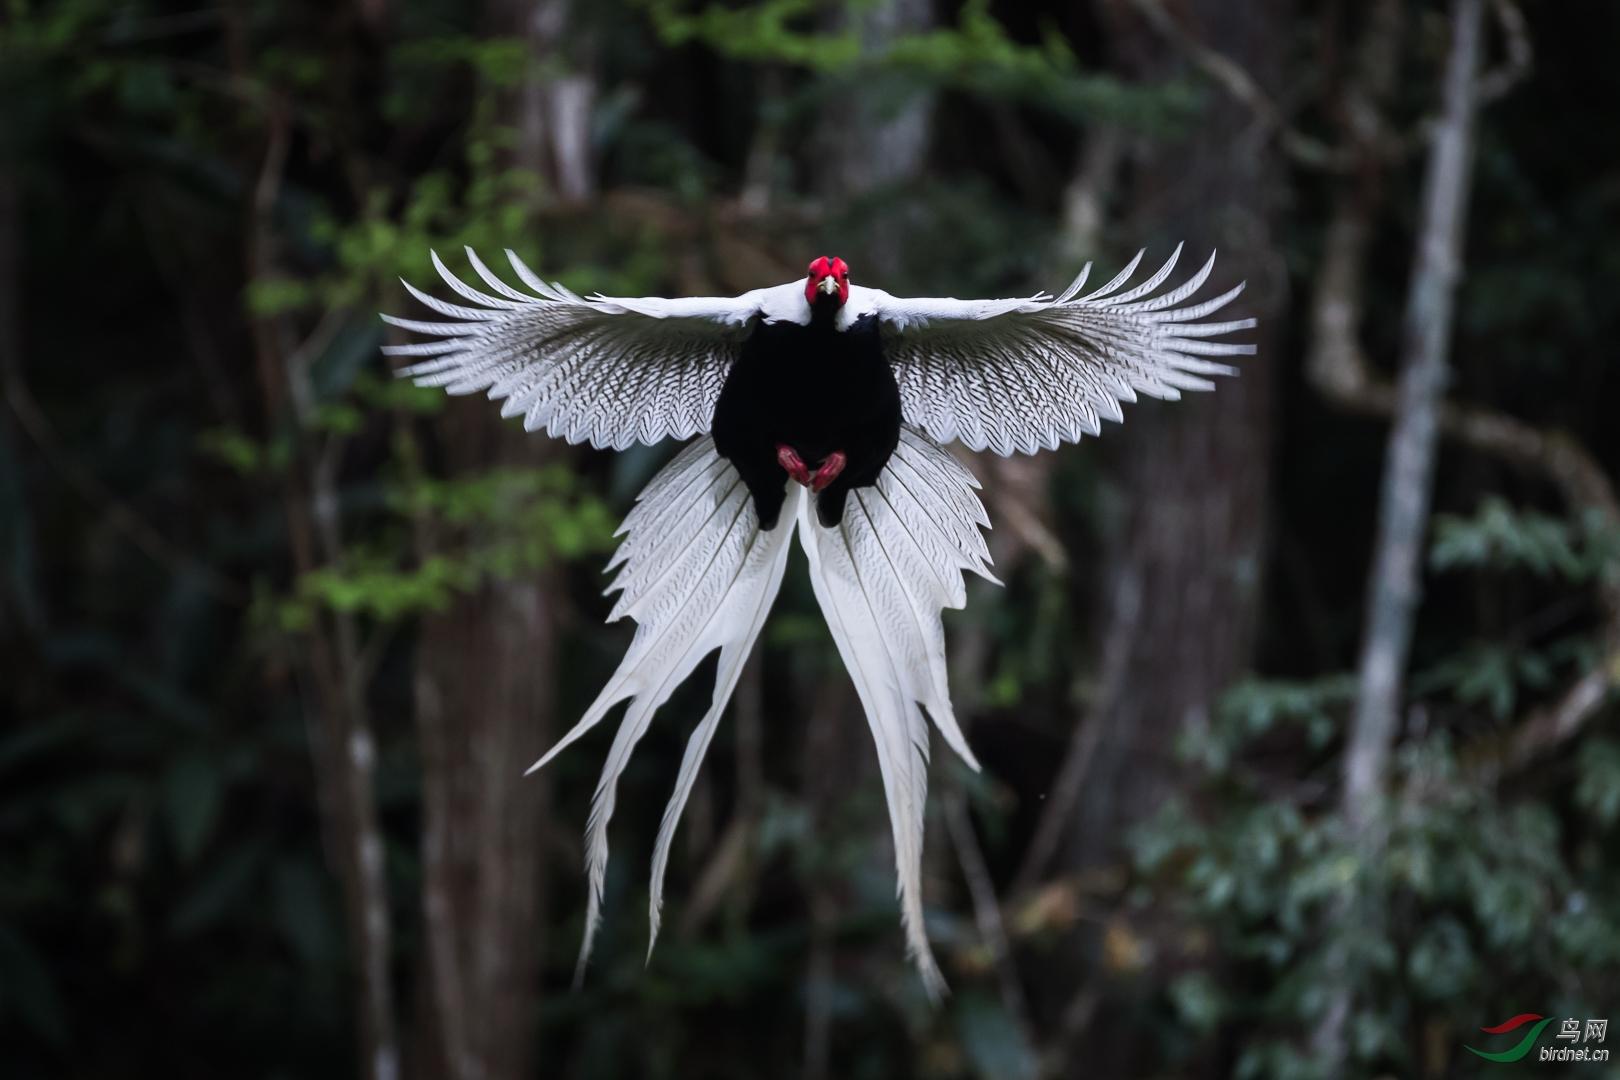 林中飞出了白凤凰.jpg